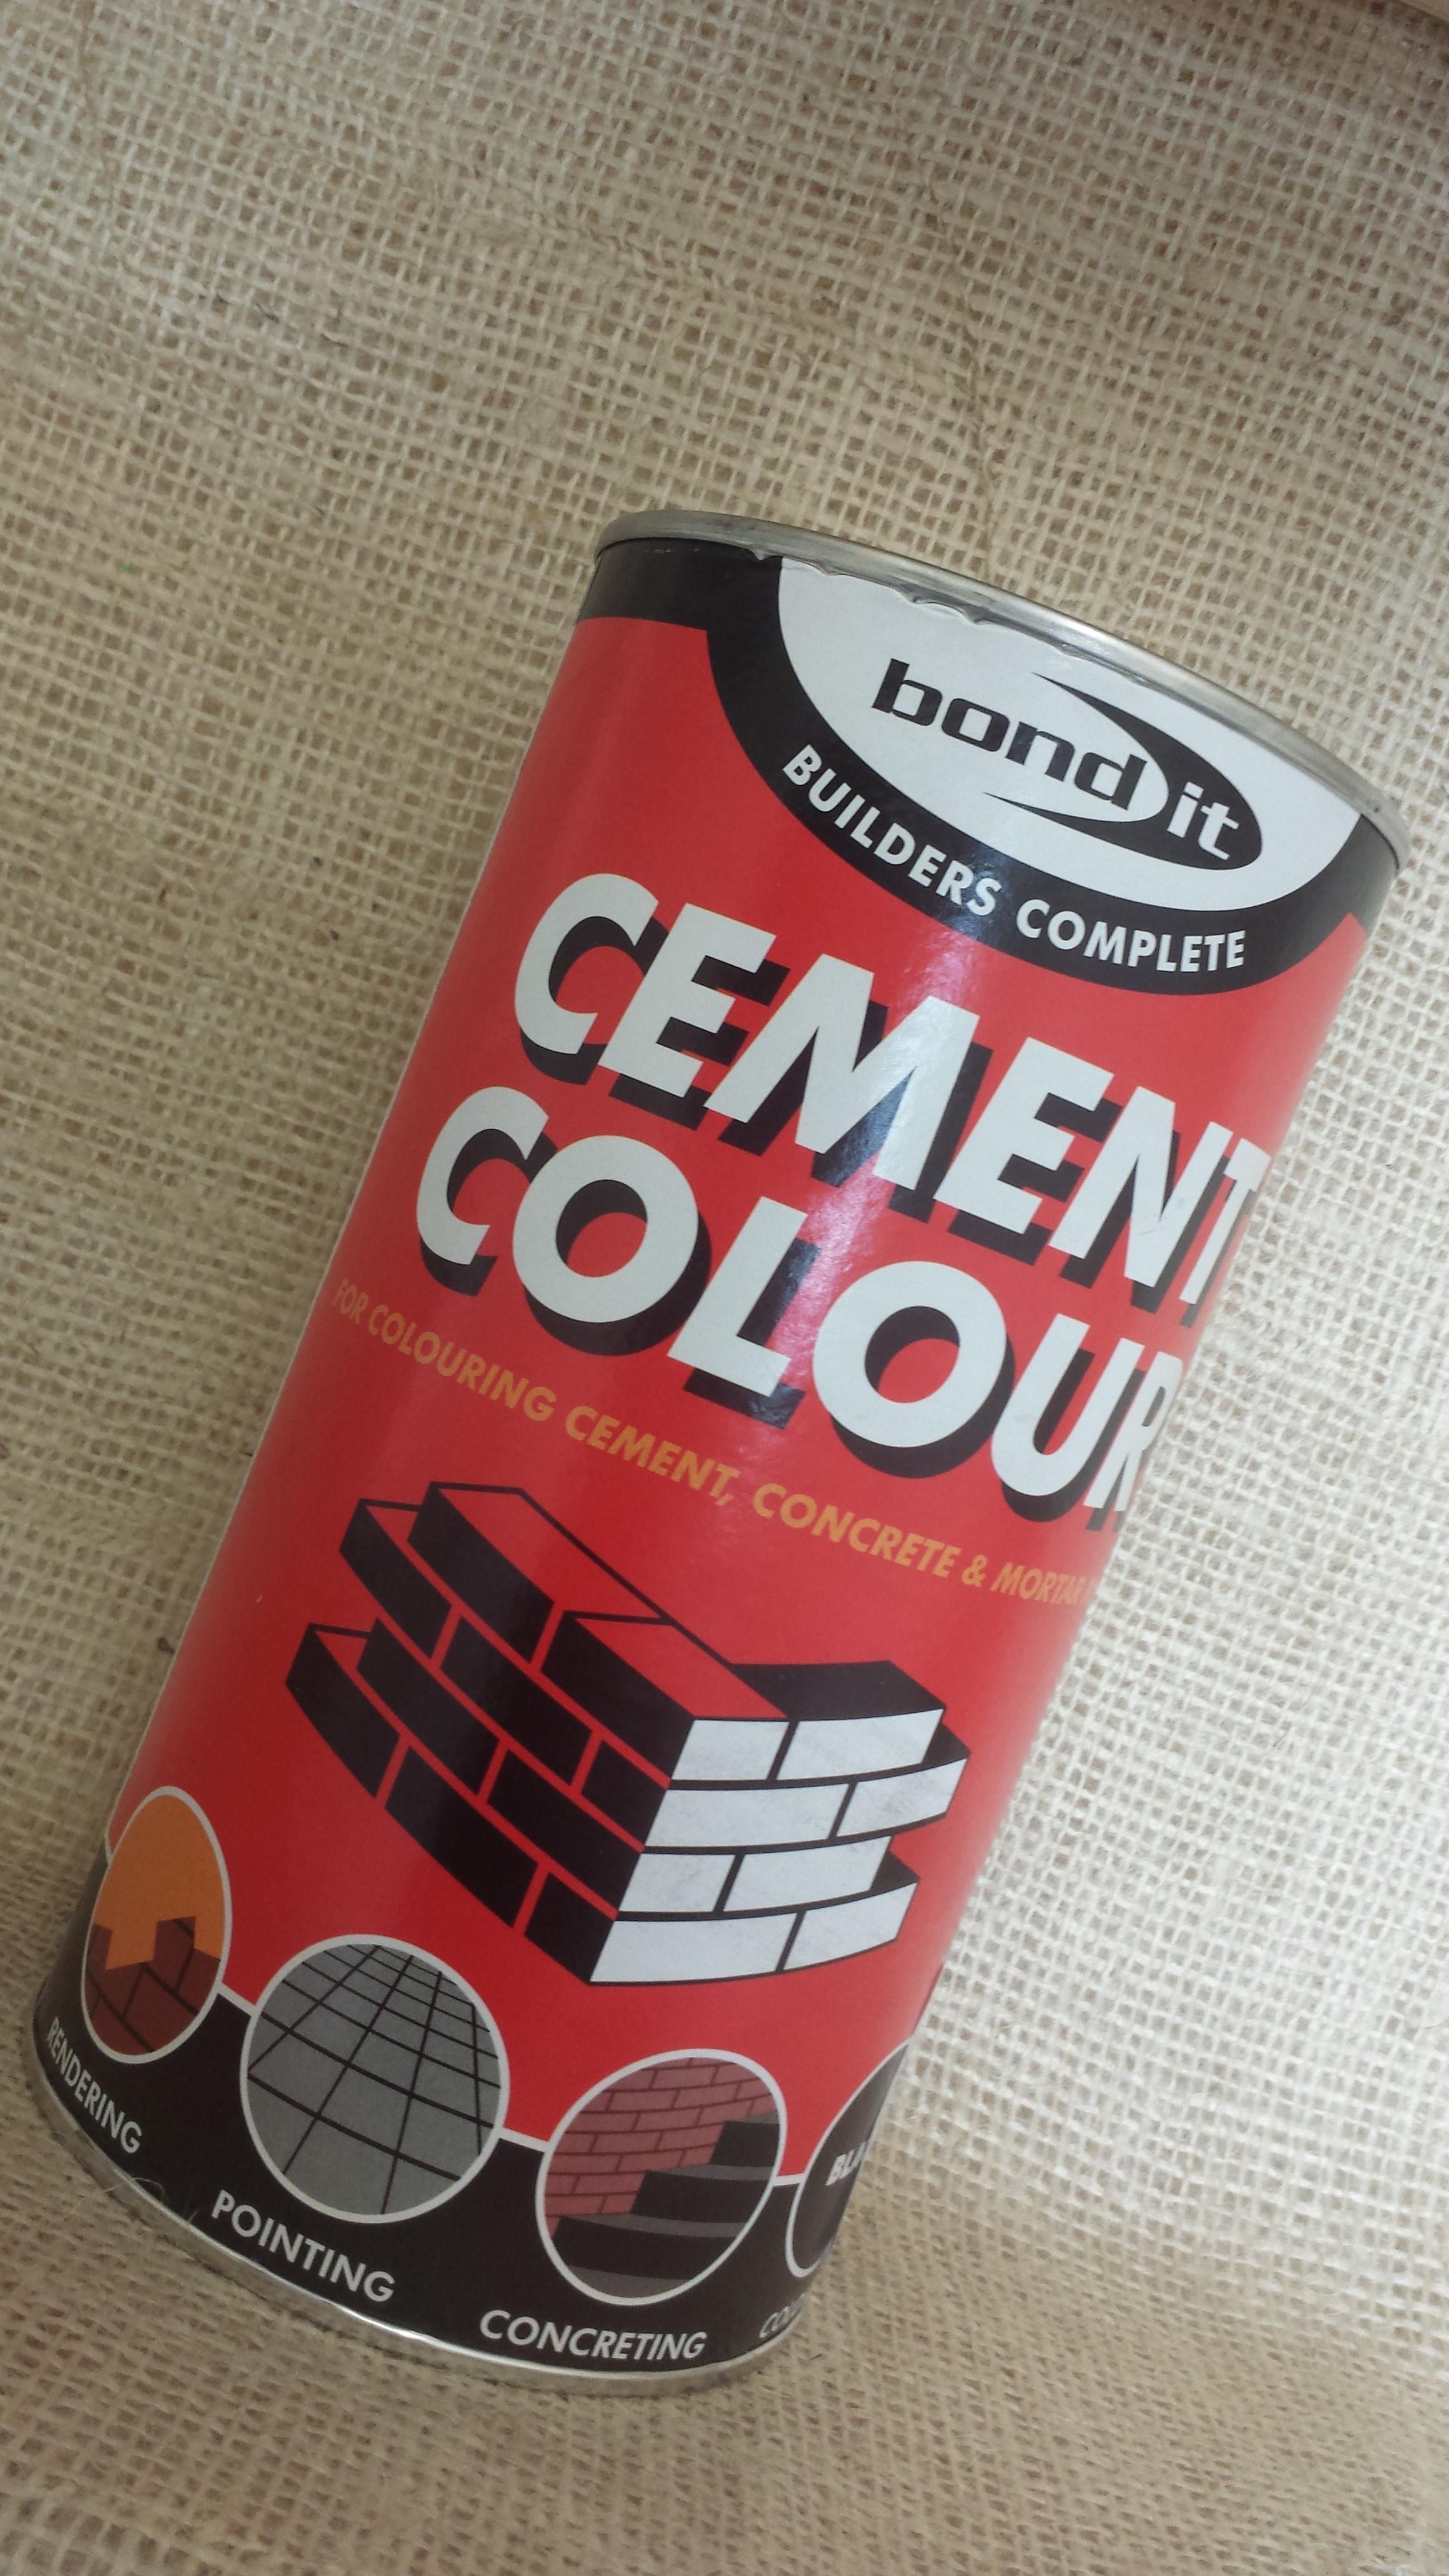 Bond-It-Cement-Dye-Pigment-Concrete-Colour-Powder-Render-Mortar-Pointing-1kg thumbnail 7